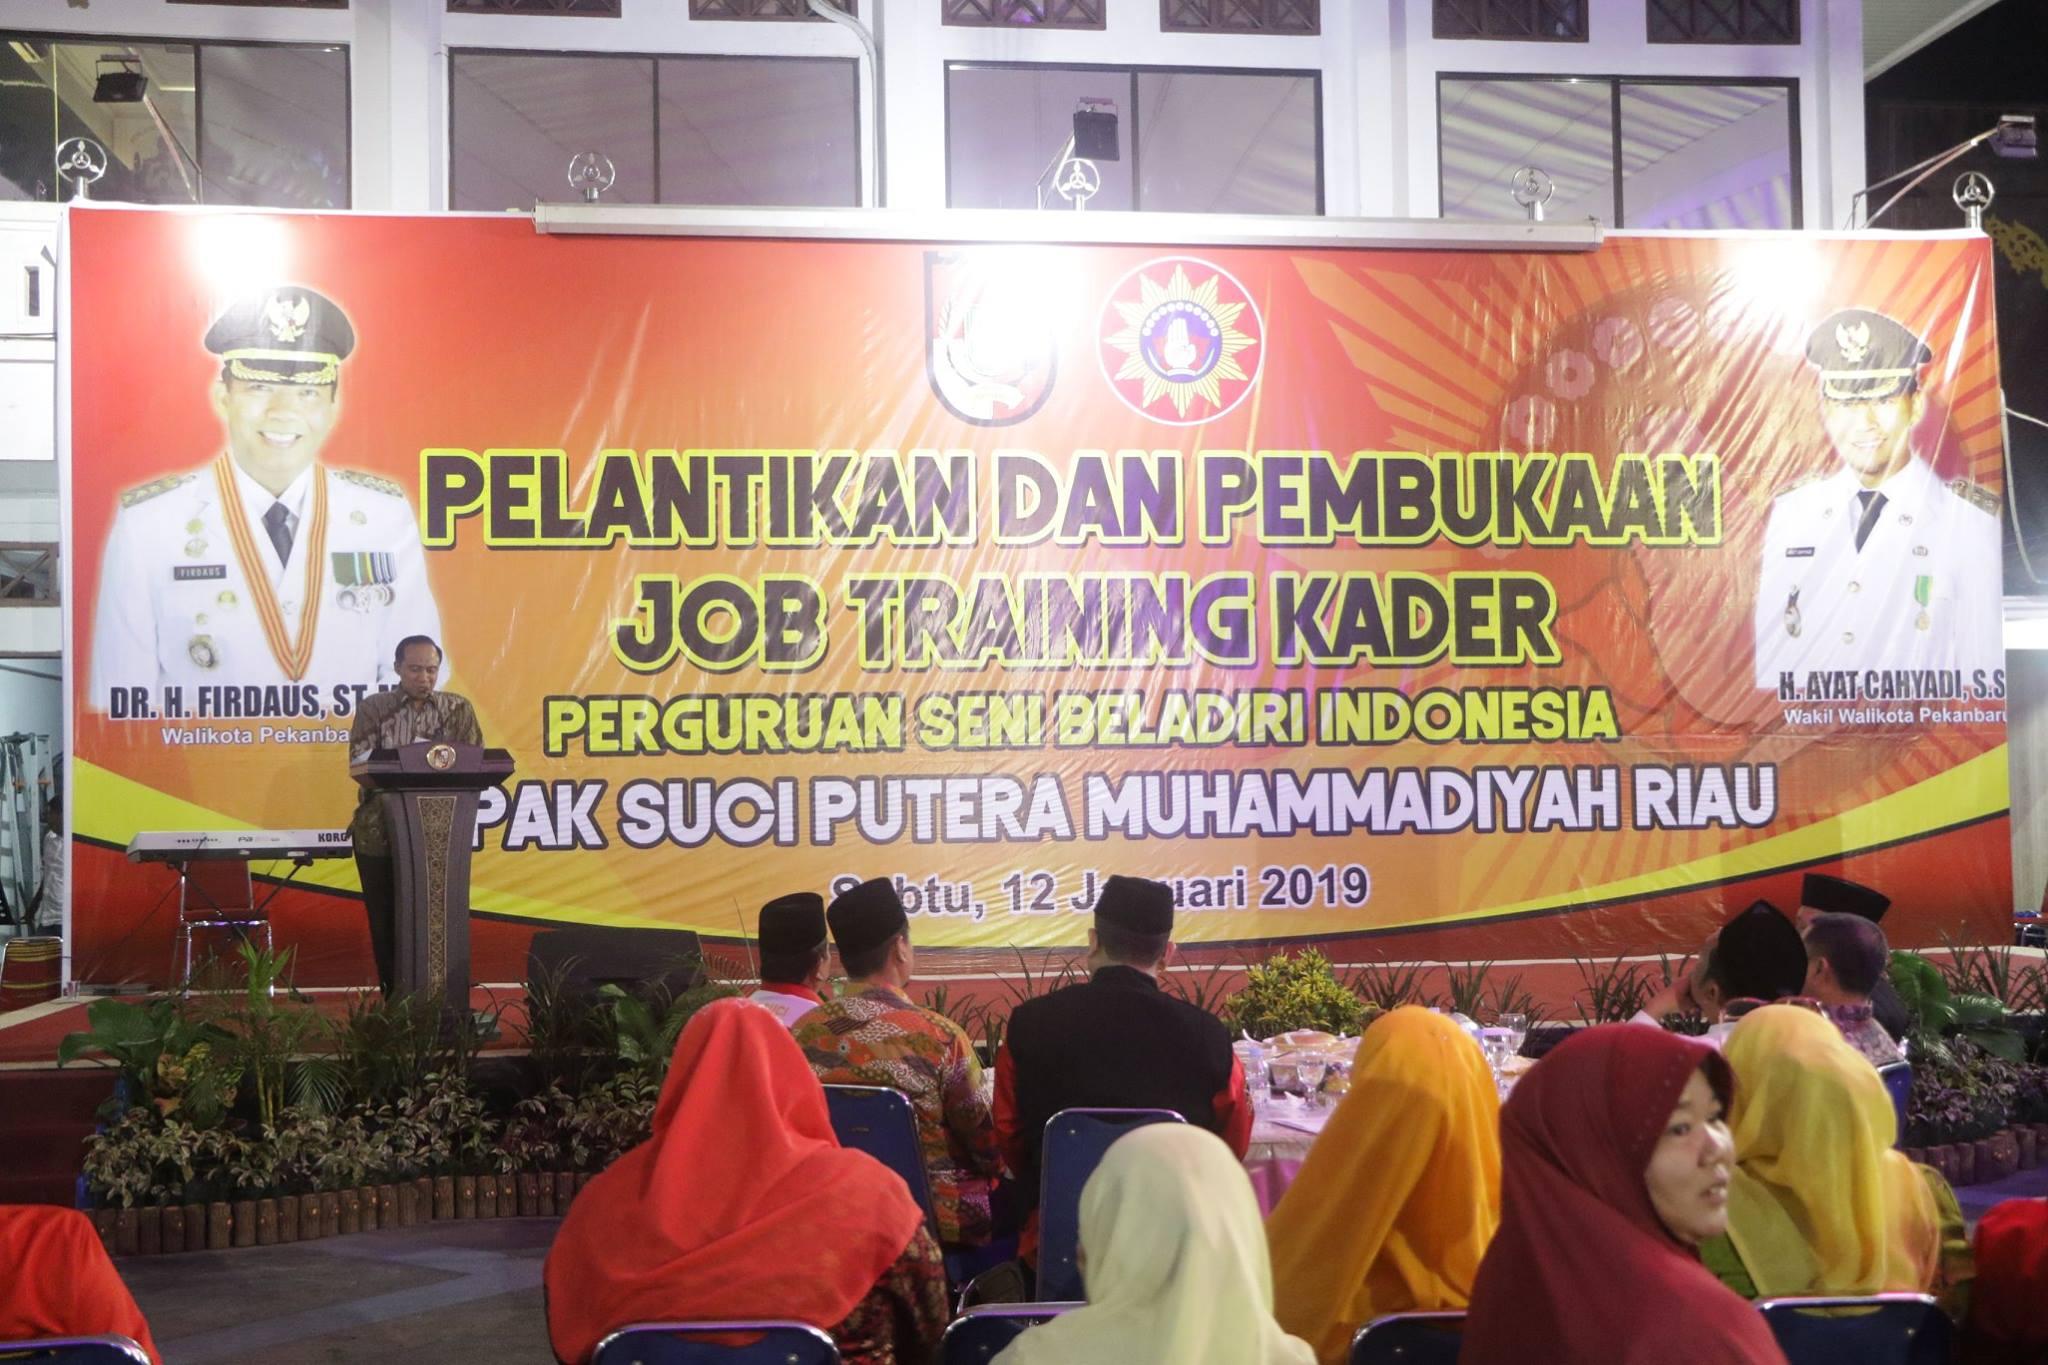 Pelantikan dan Pembukaan Job Training Kader Perguran Seni Beladiri Indonesia